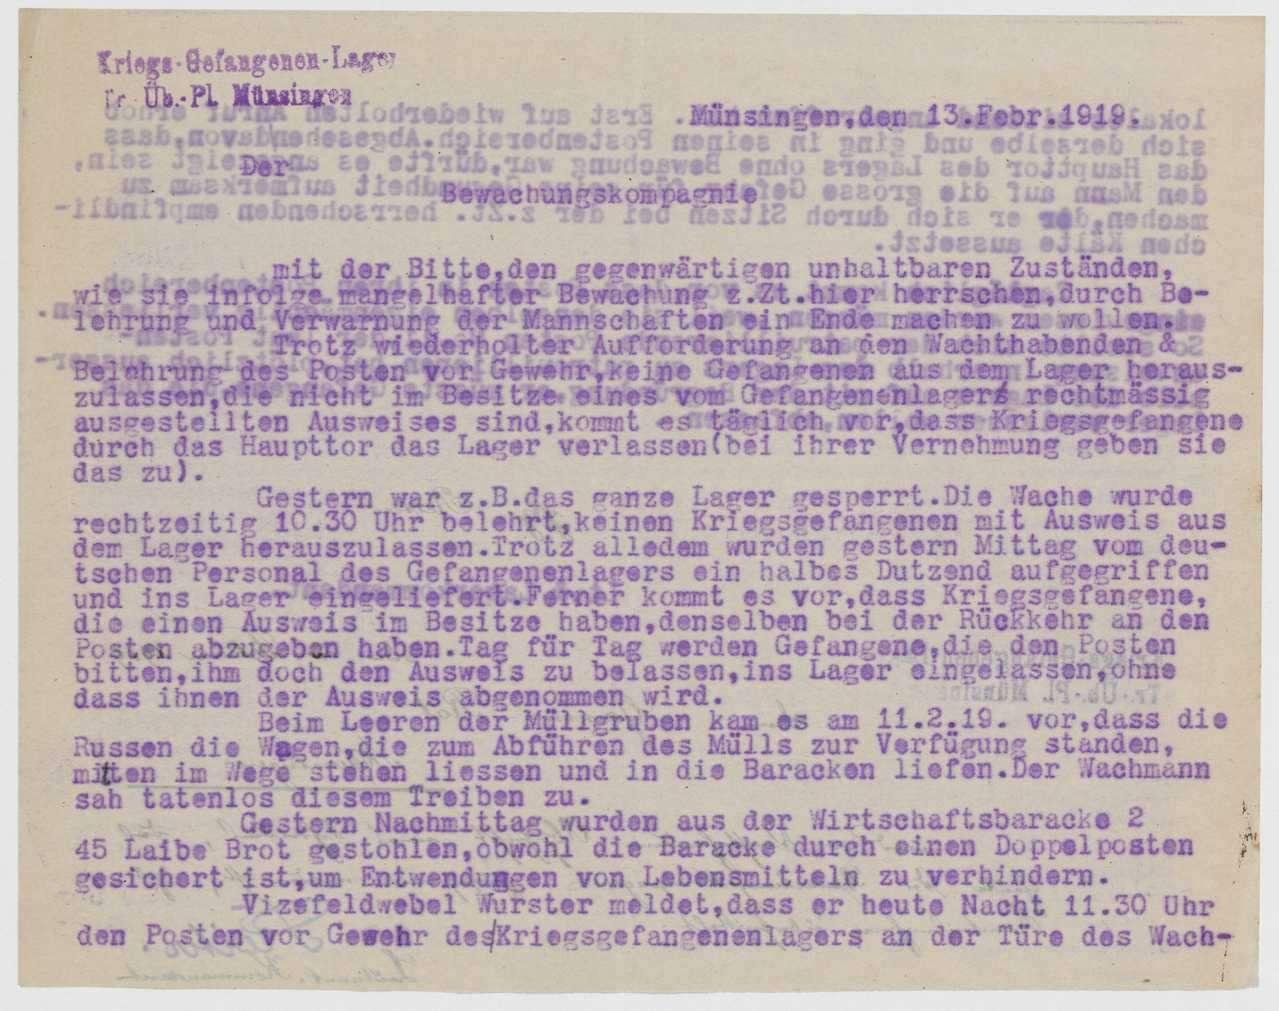 Mangelnde Einhaltung der Wachvorschriften, Überprüfung bzw. Verbesserung der Beleuchtung des Kriegsgefangenenlagers, Bild 1